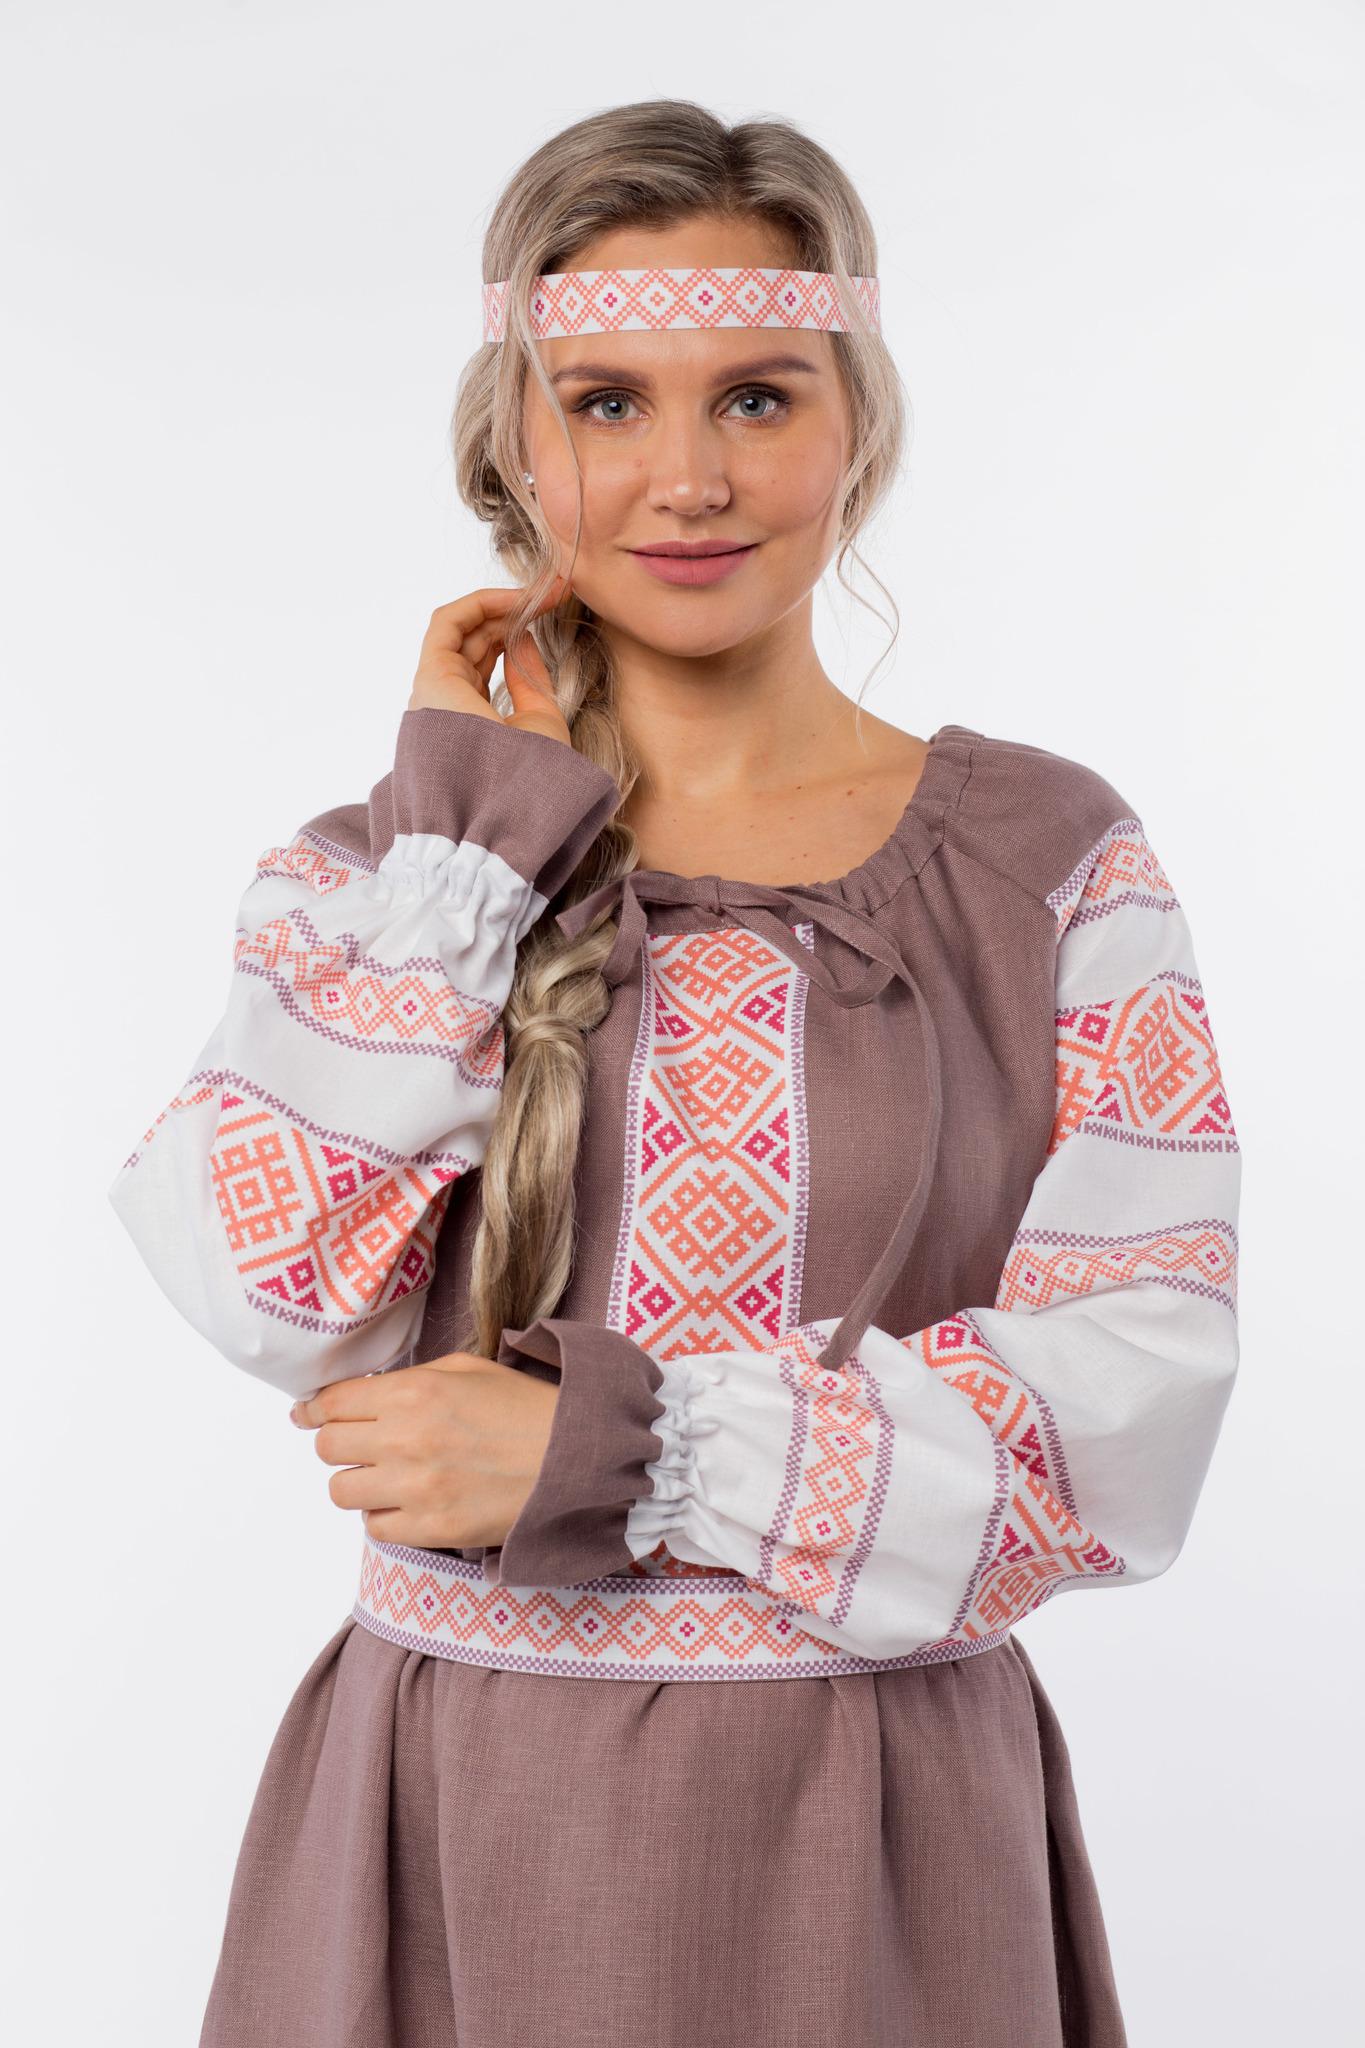 Платье льняное Родные берега приближенный фрагмент